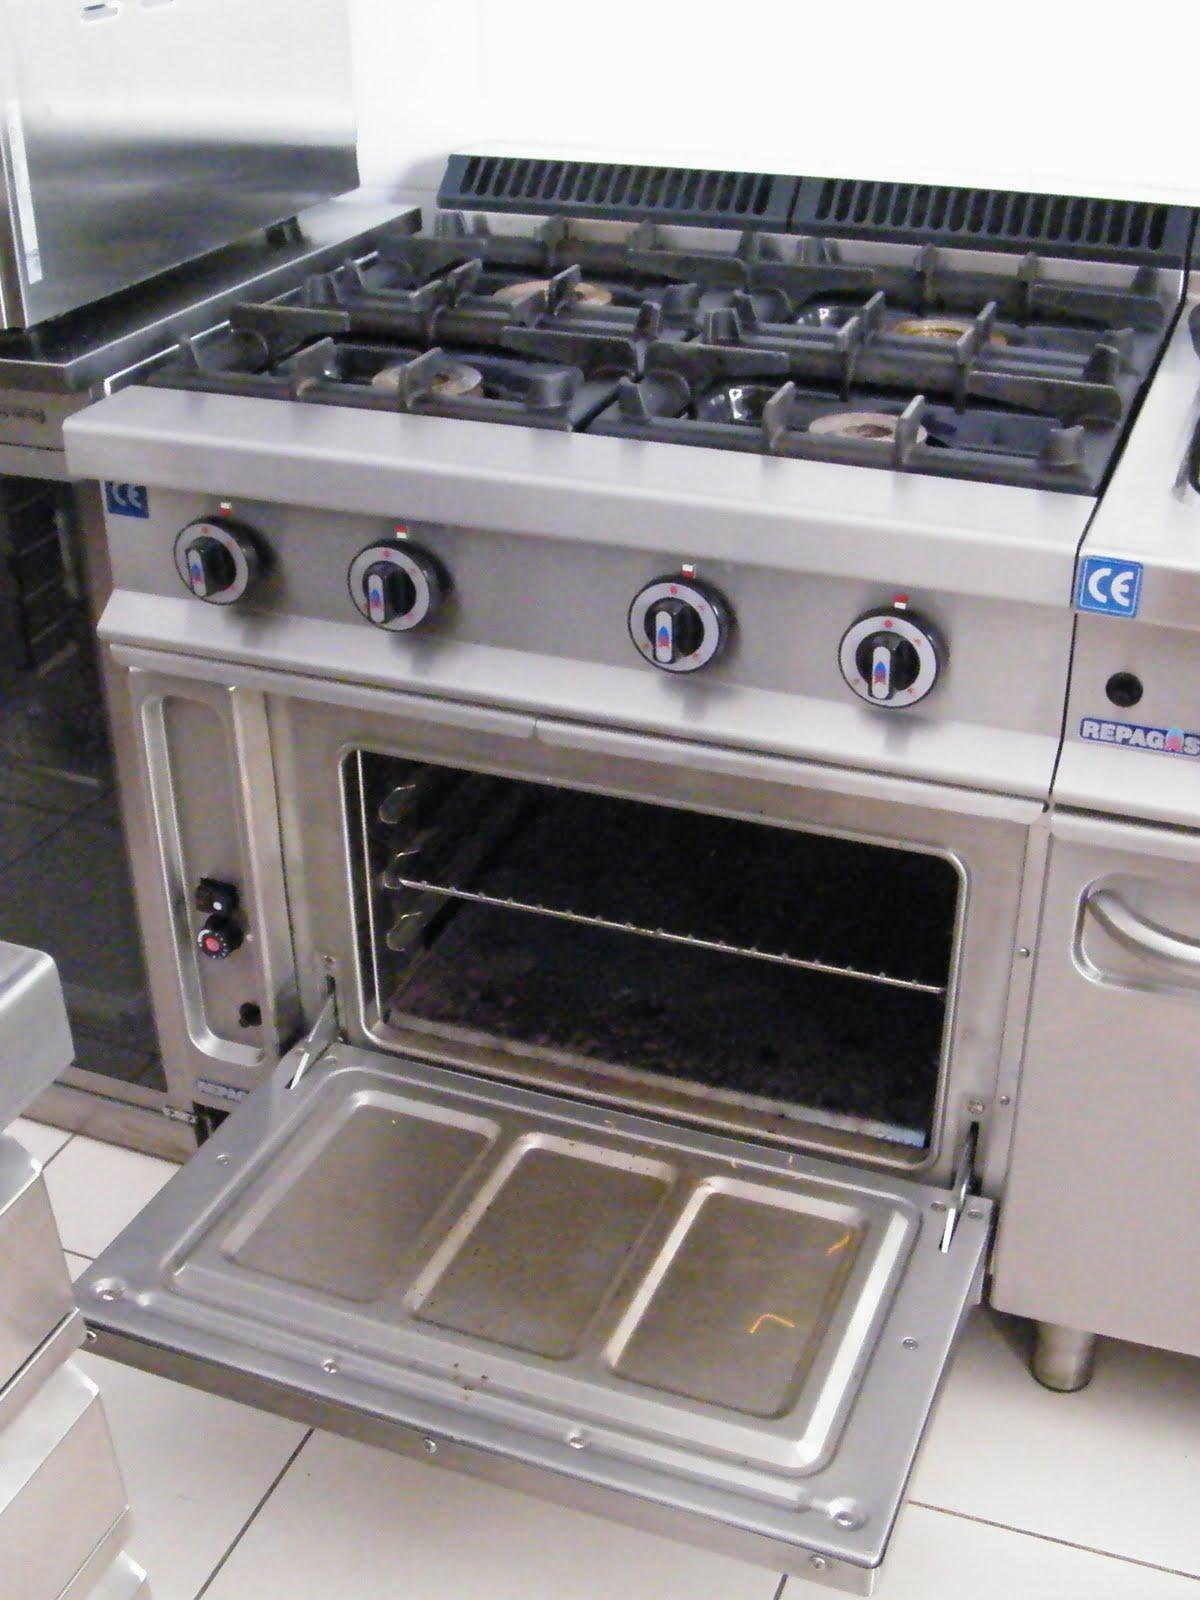 Venta material hosteleria segunda mano cocina gas 4 for Cocinas industriales segunda mano